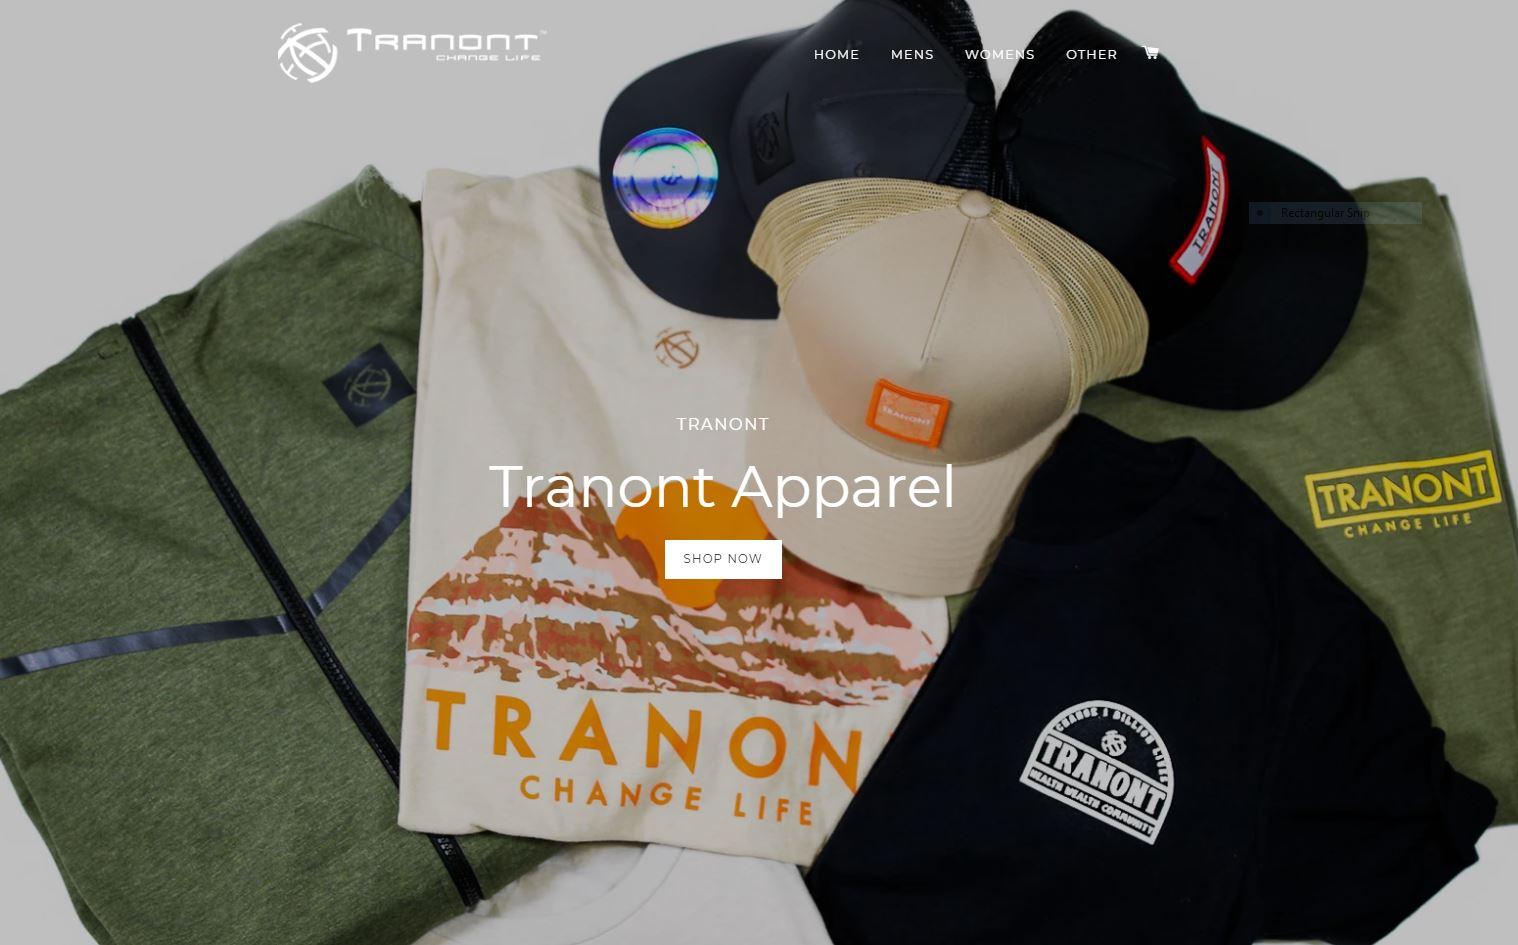 Tranont-Shop.